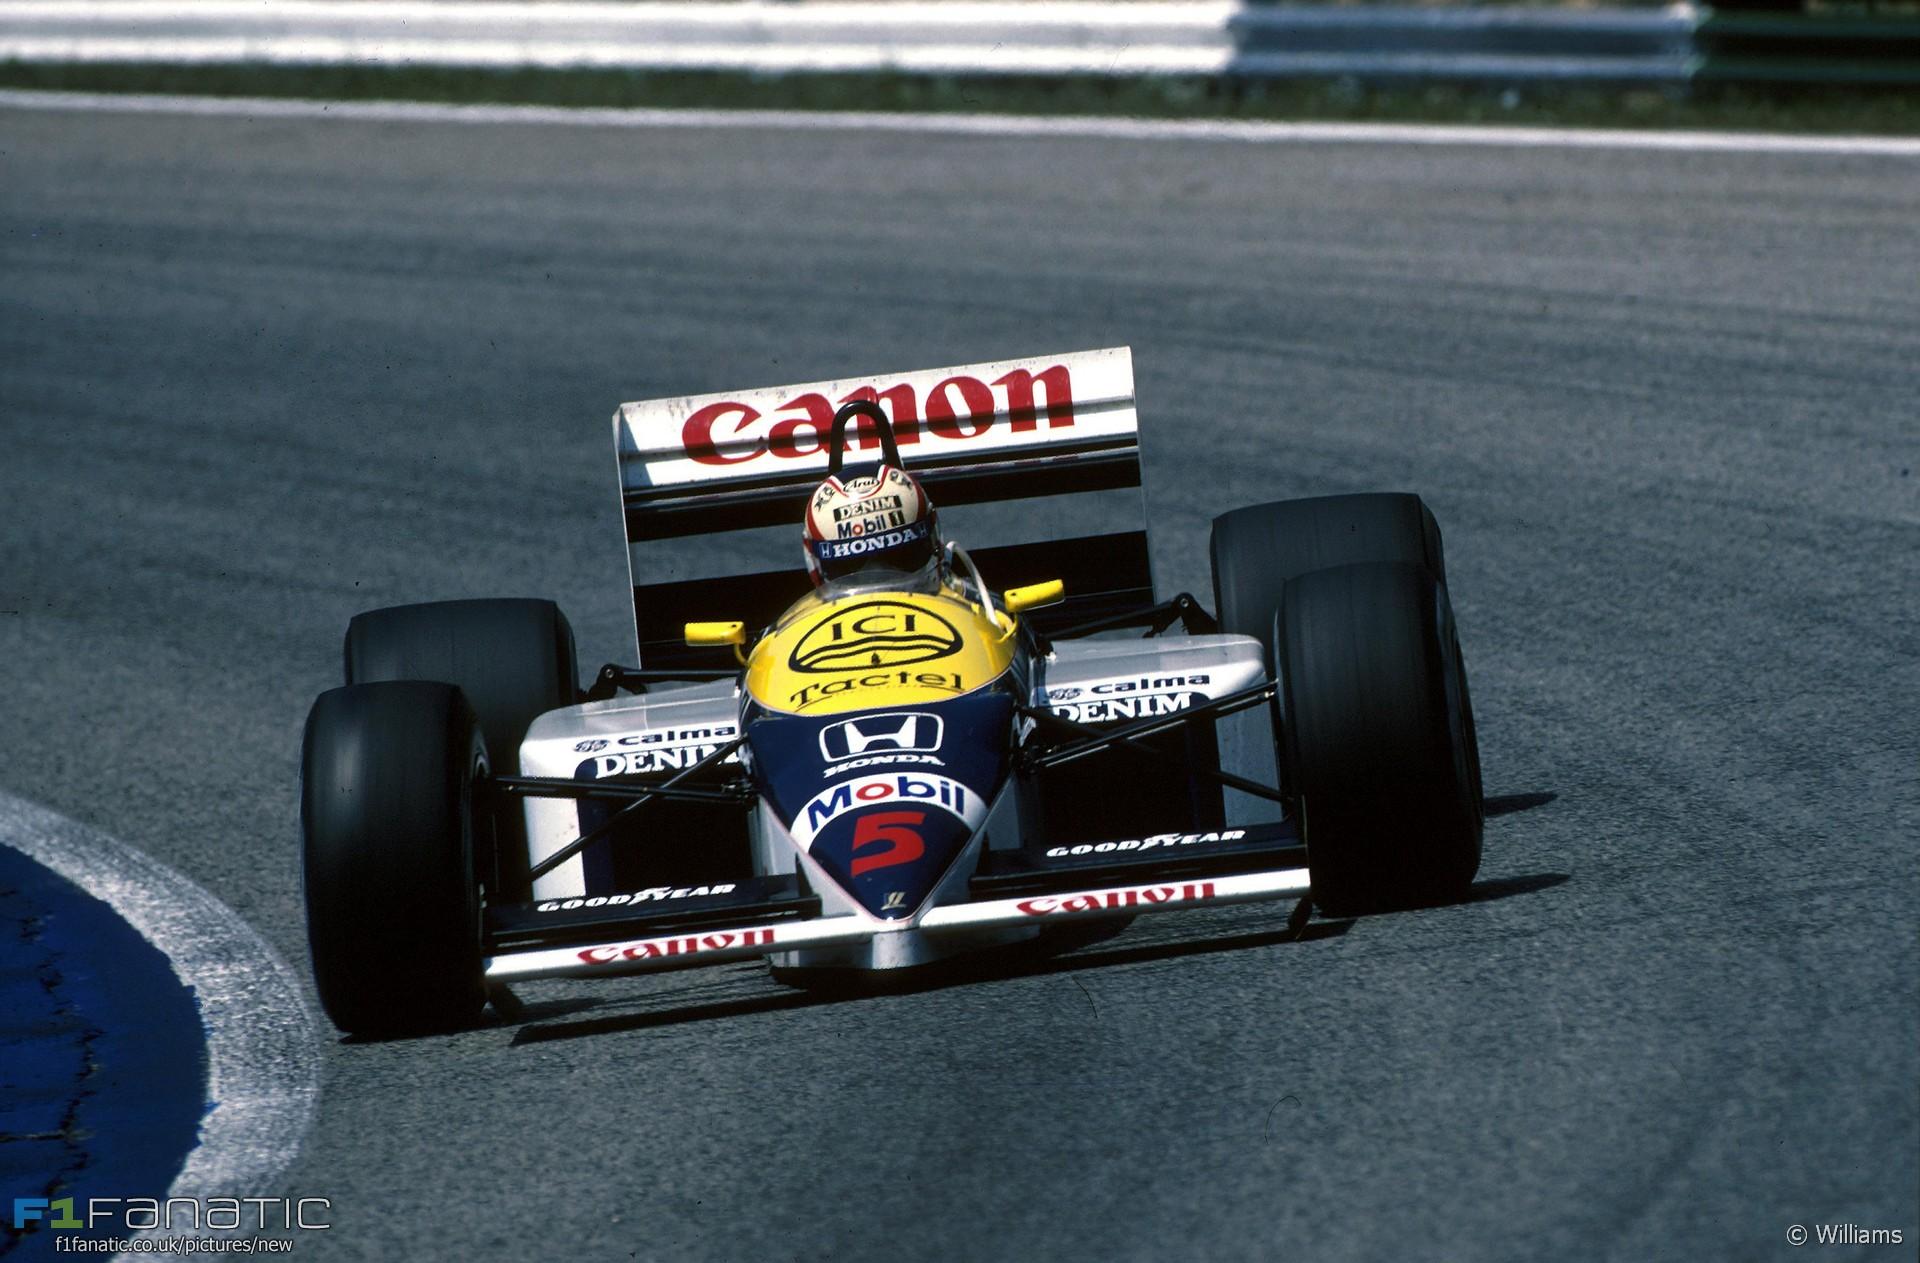 Mansell retirement revives Prost's title chances · RaceFans